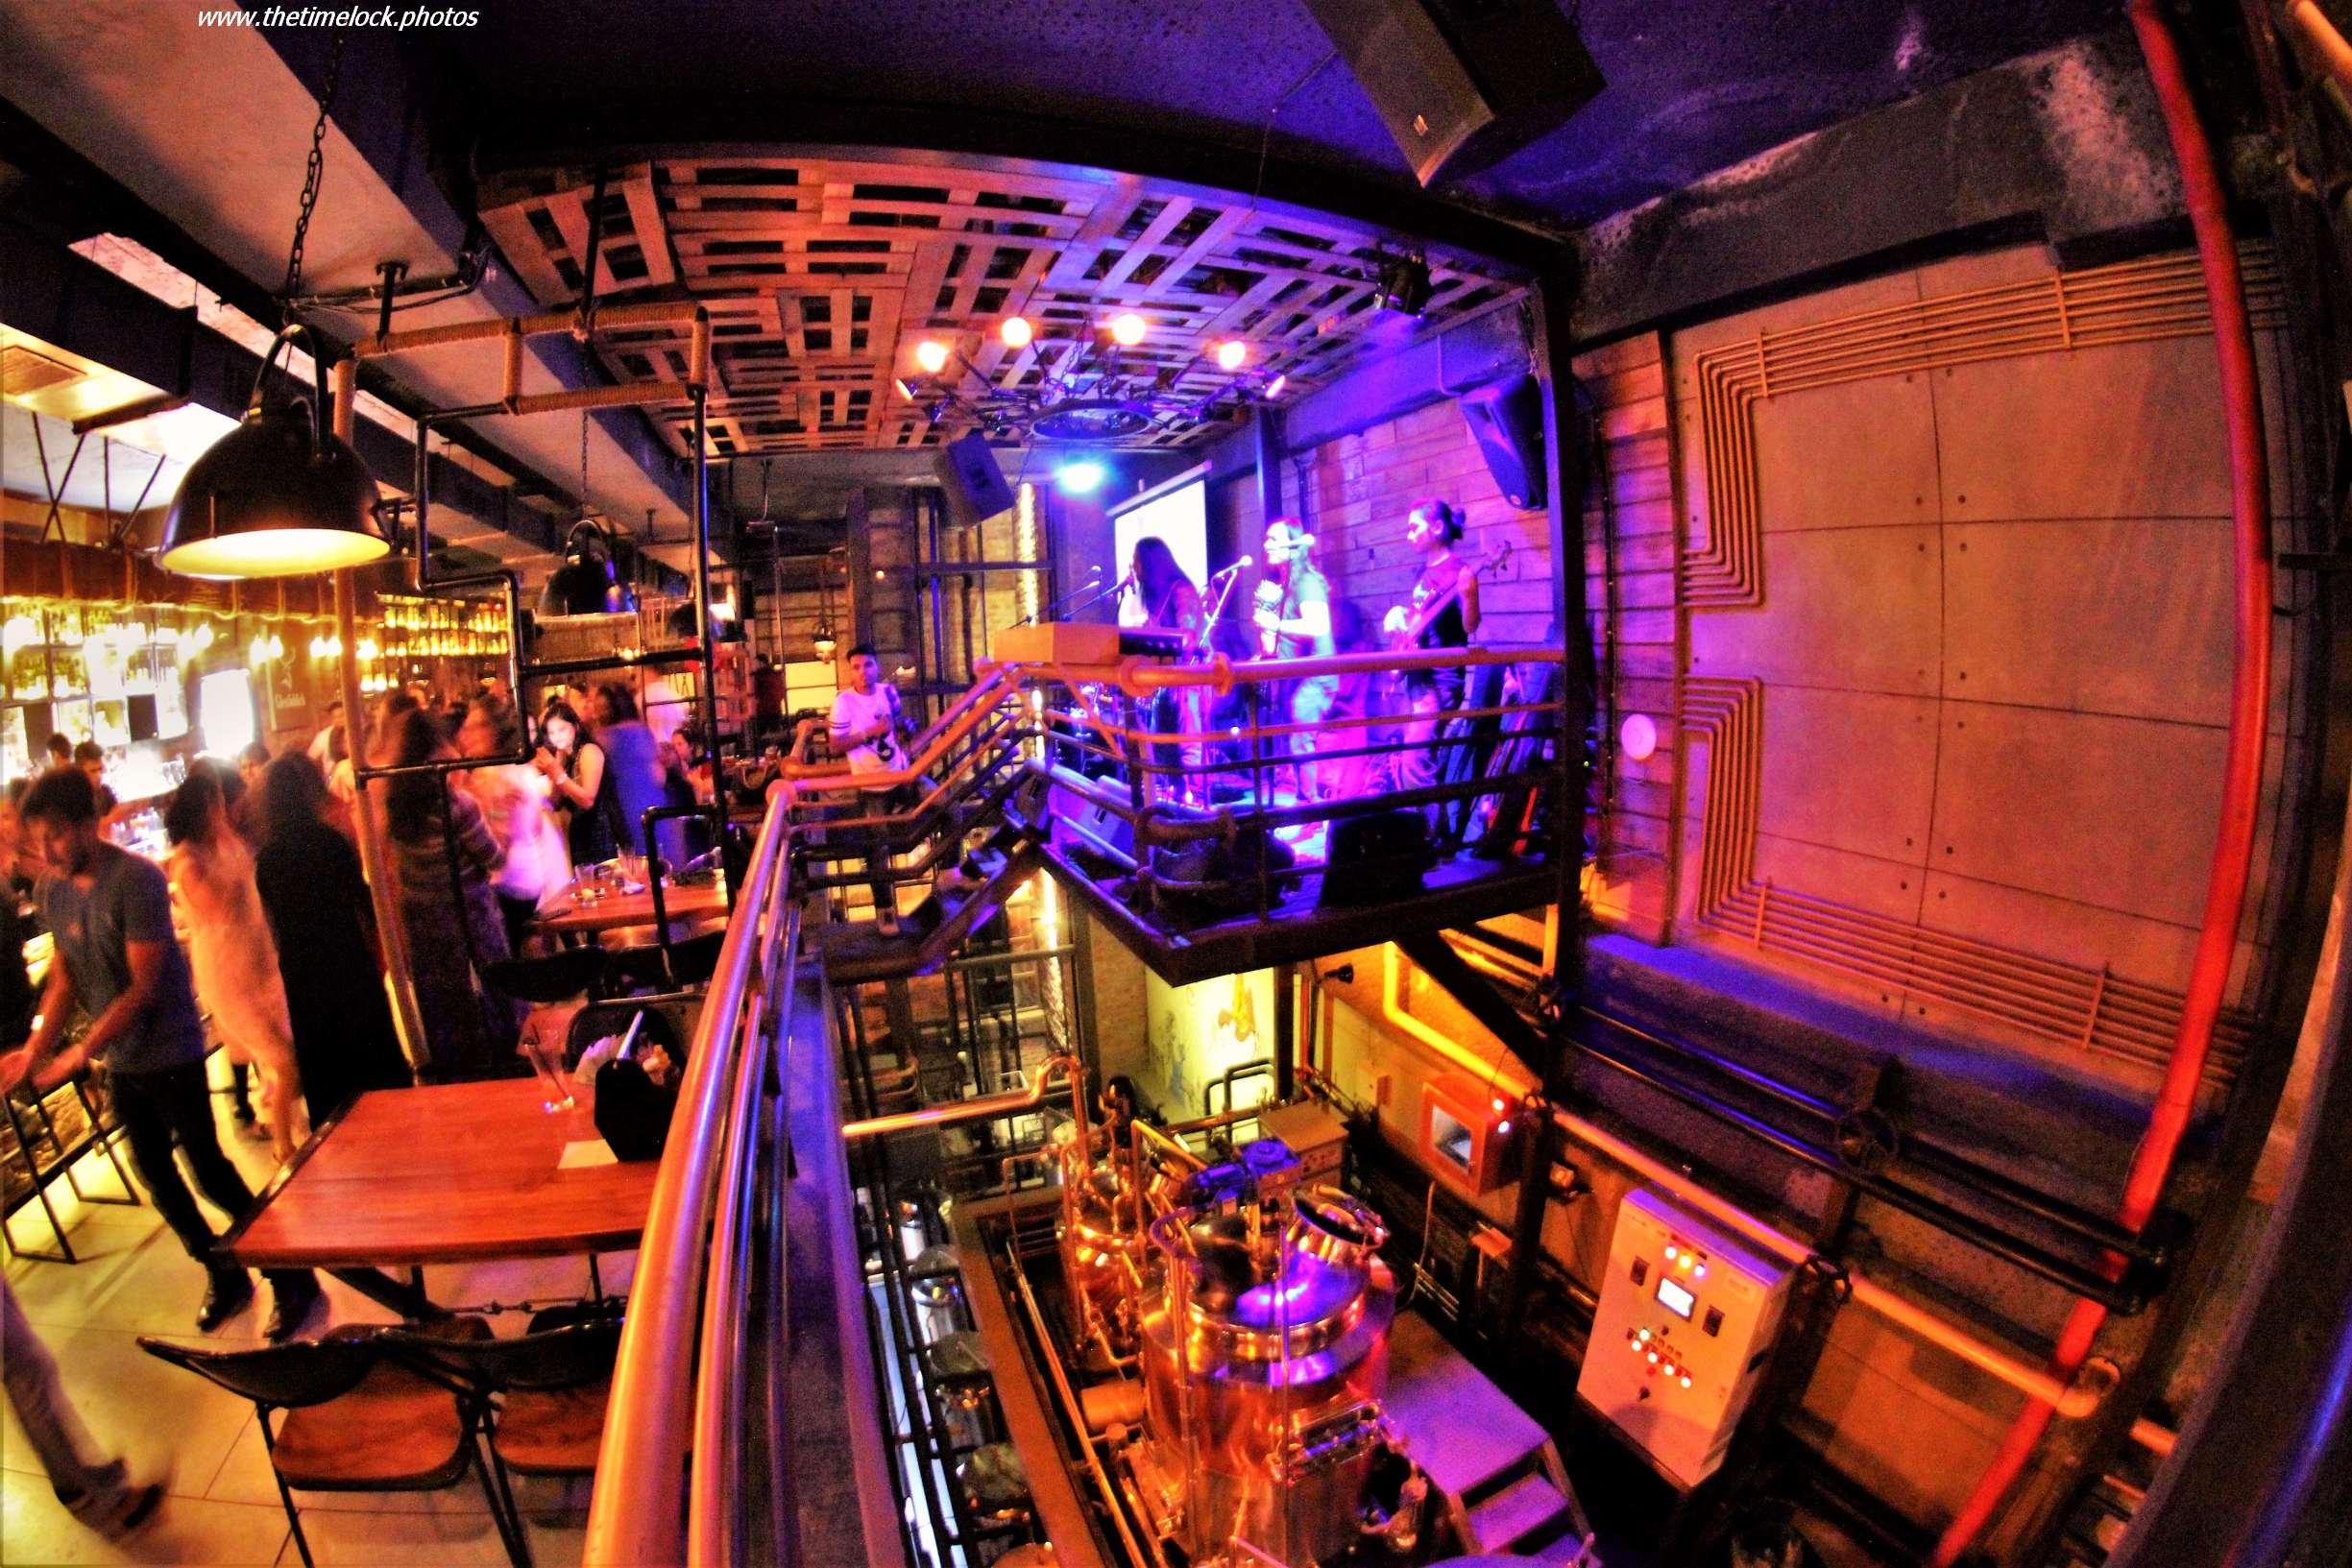 fish eye image of night club